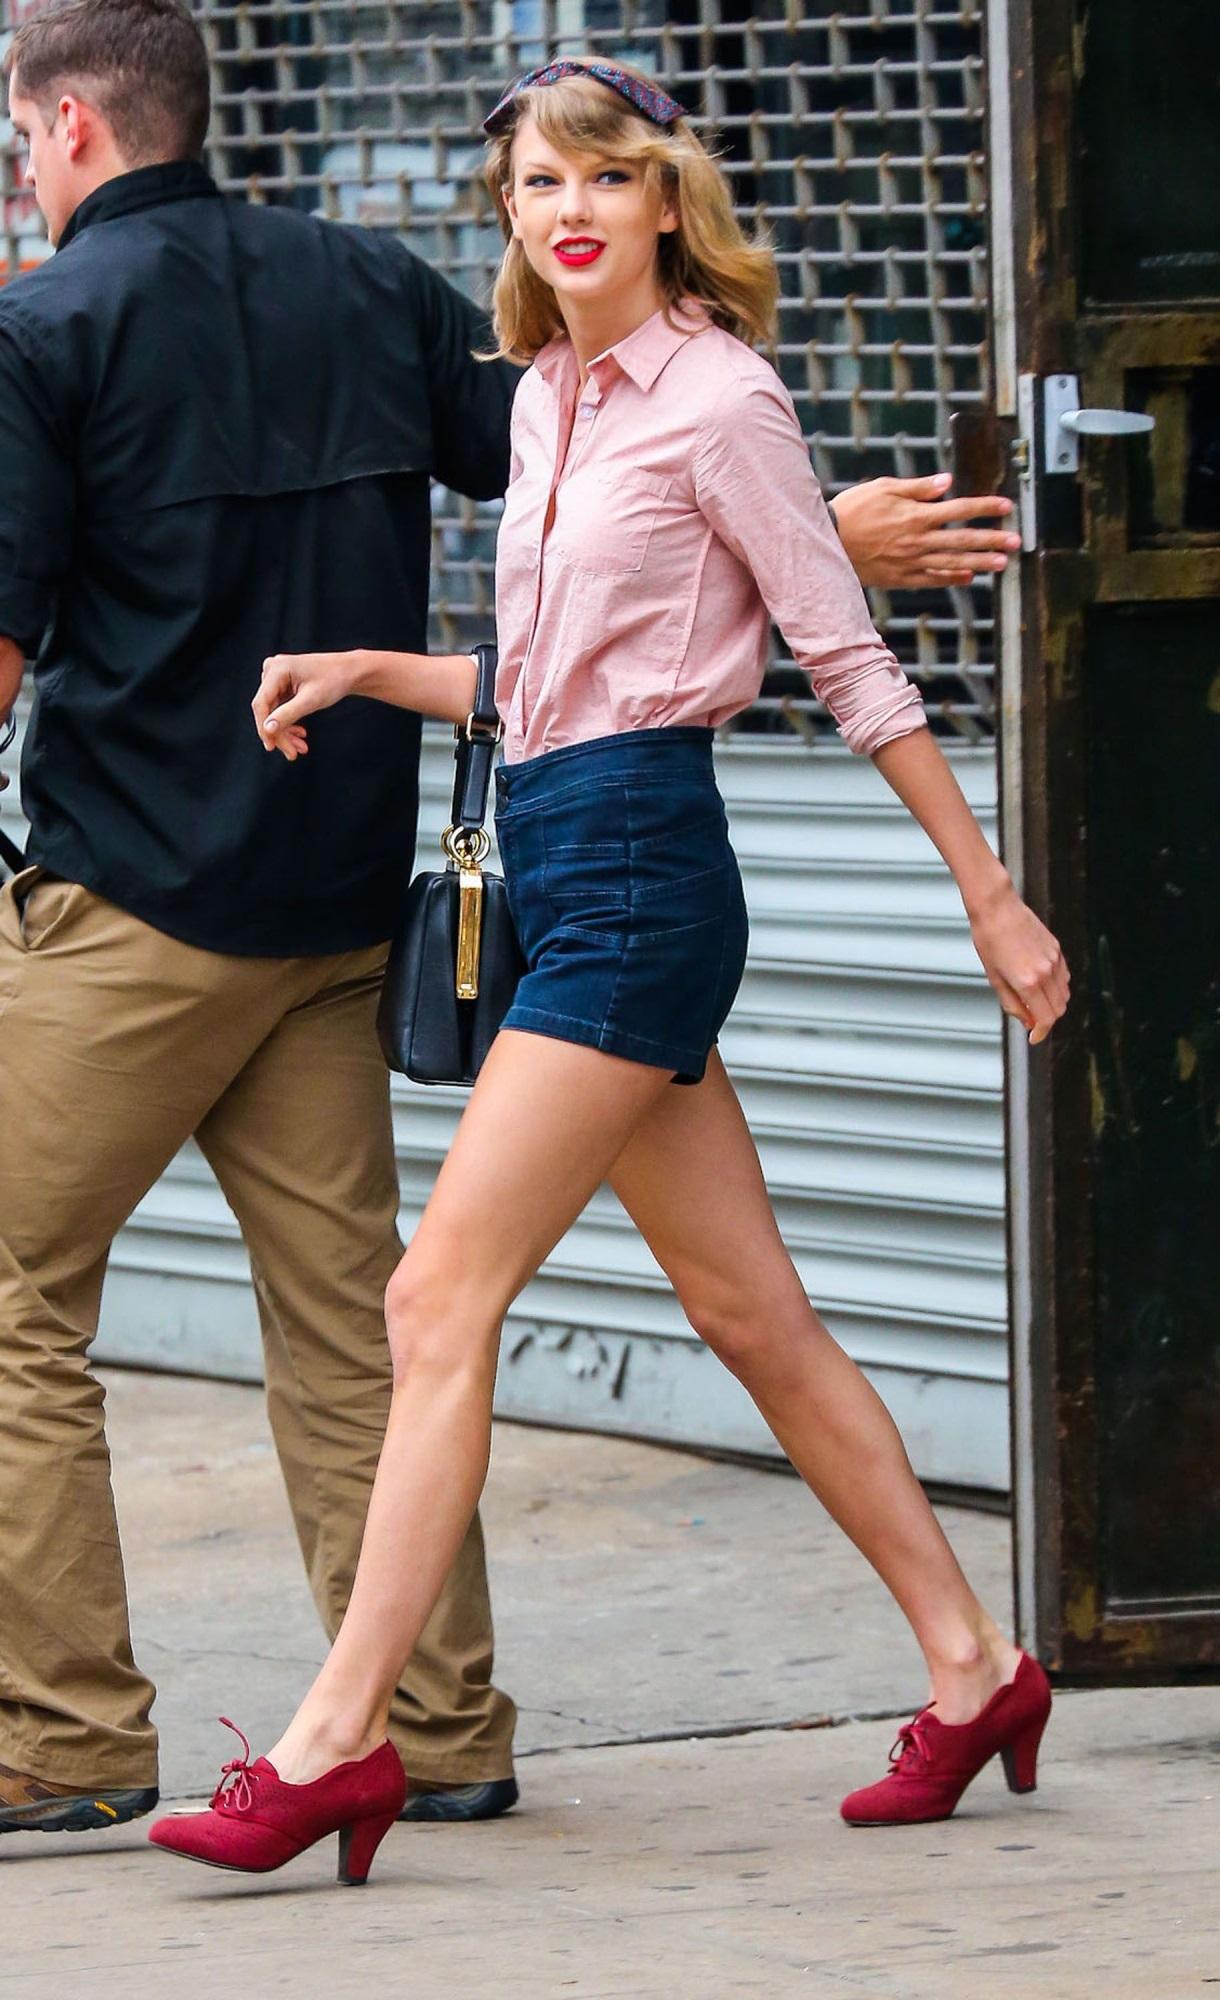 Taylor Swift xuống phố là lên đồ sang - xịn - mịn, và cùng chiêm ngưỡng loạt outfit mãn nhãn của 'Rắn Chúa' - Ảnh 11